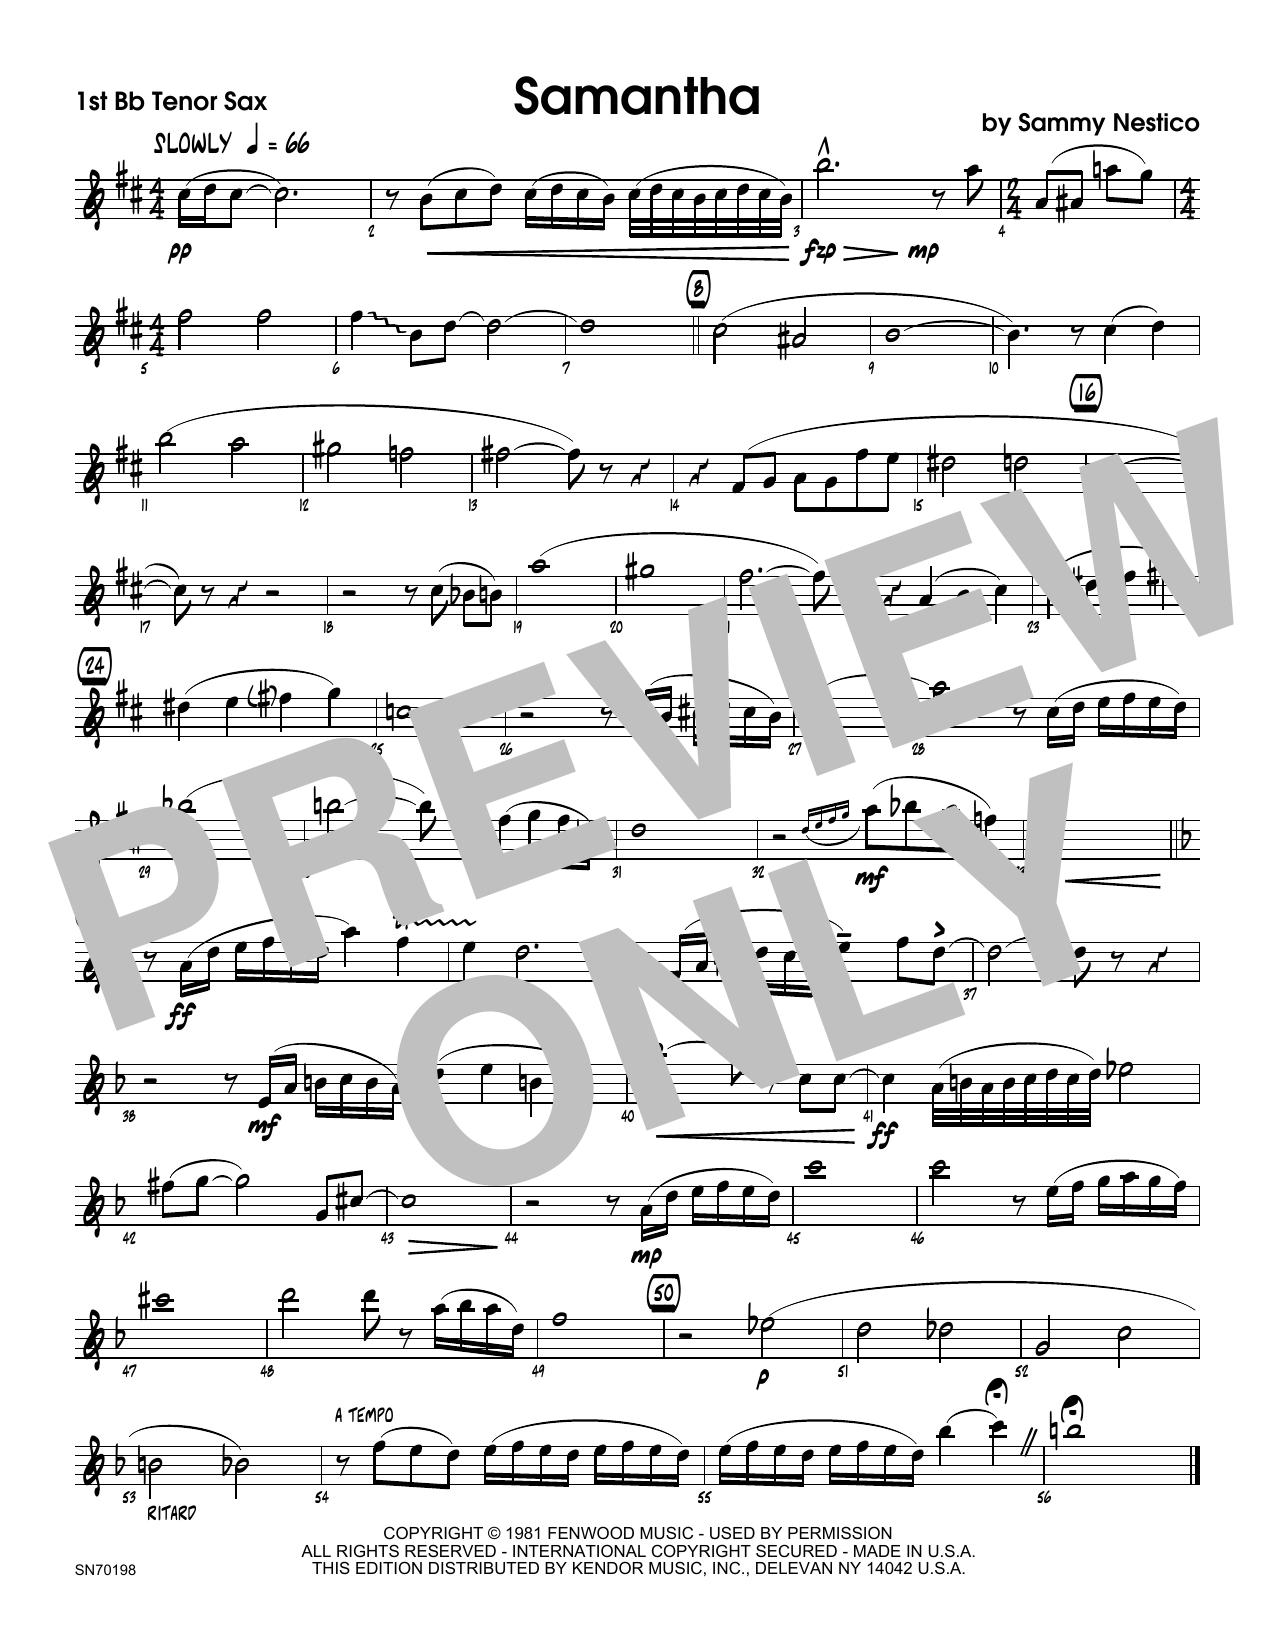 Samantha - 1st Tenor Saxophone